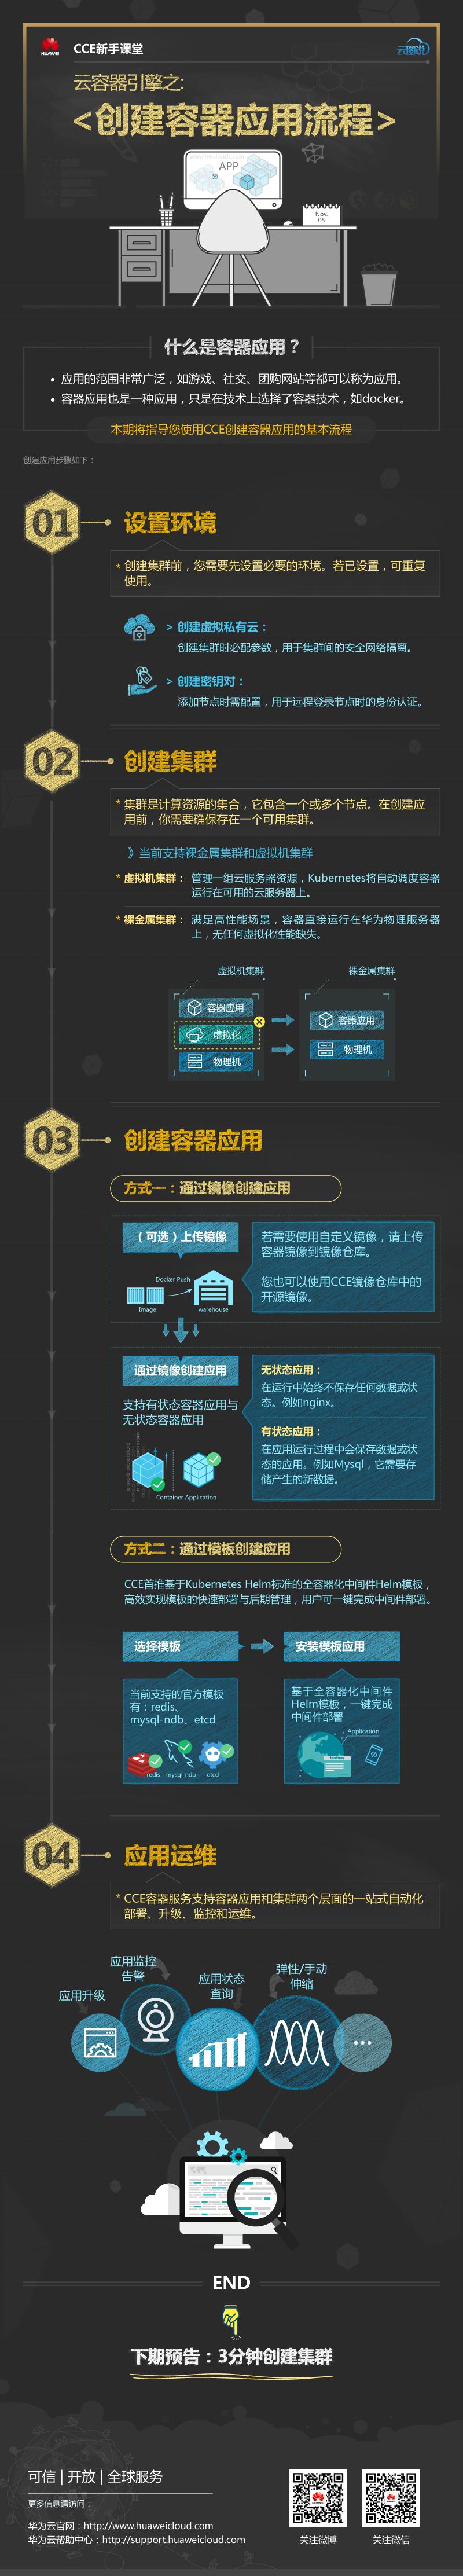 CCE新手课堂-第二期-CCE使用流程.png